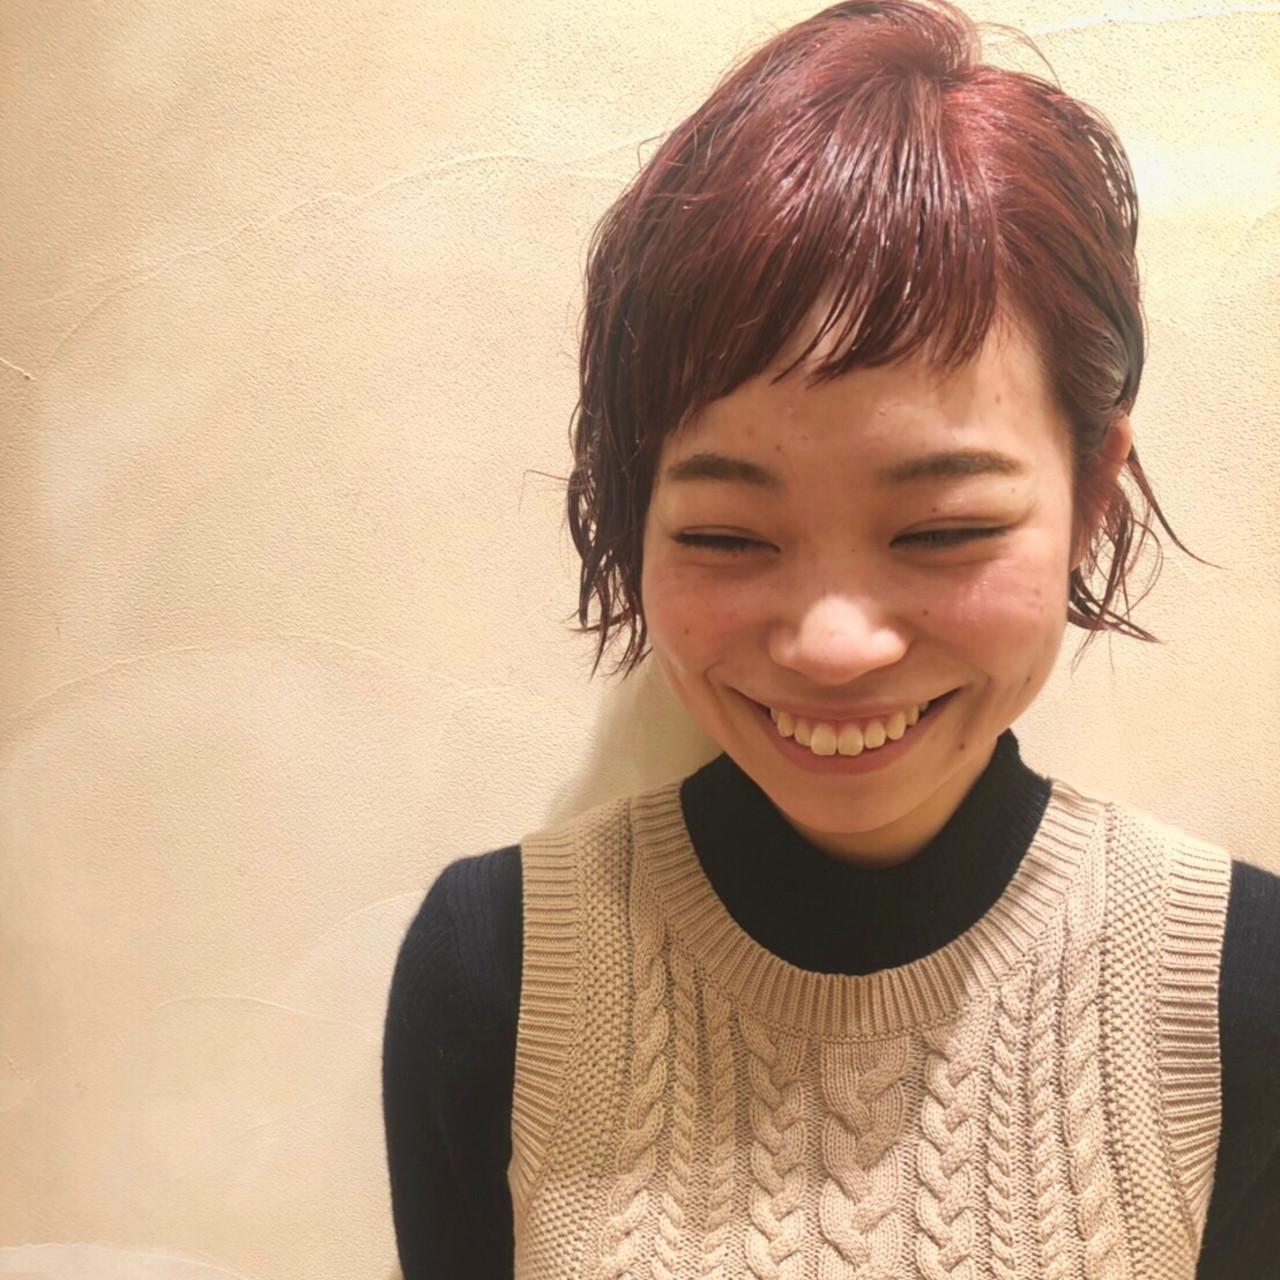 束感バング ショートバング 前髪 斜め前髪 ヘアスタイルや髪型の写真・画像